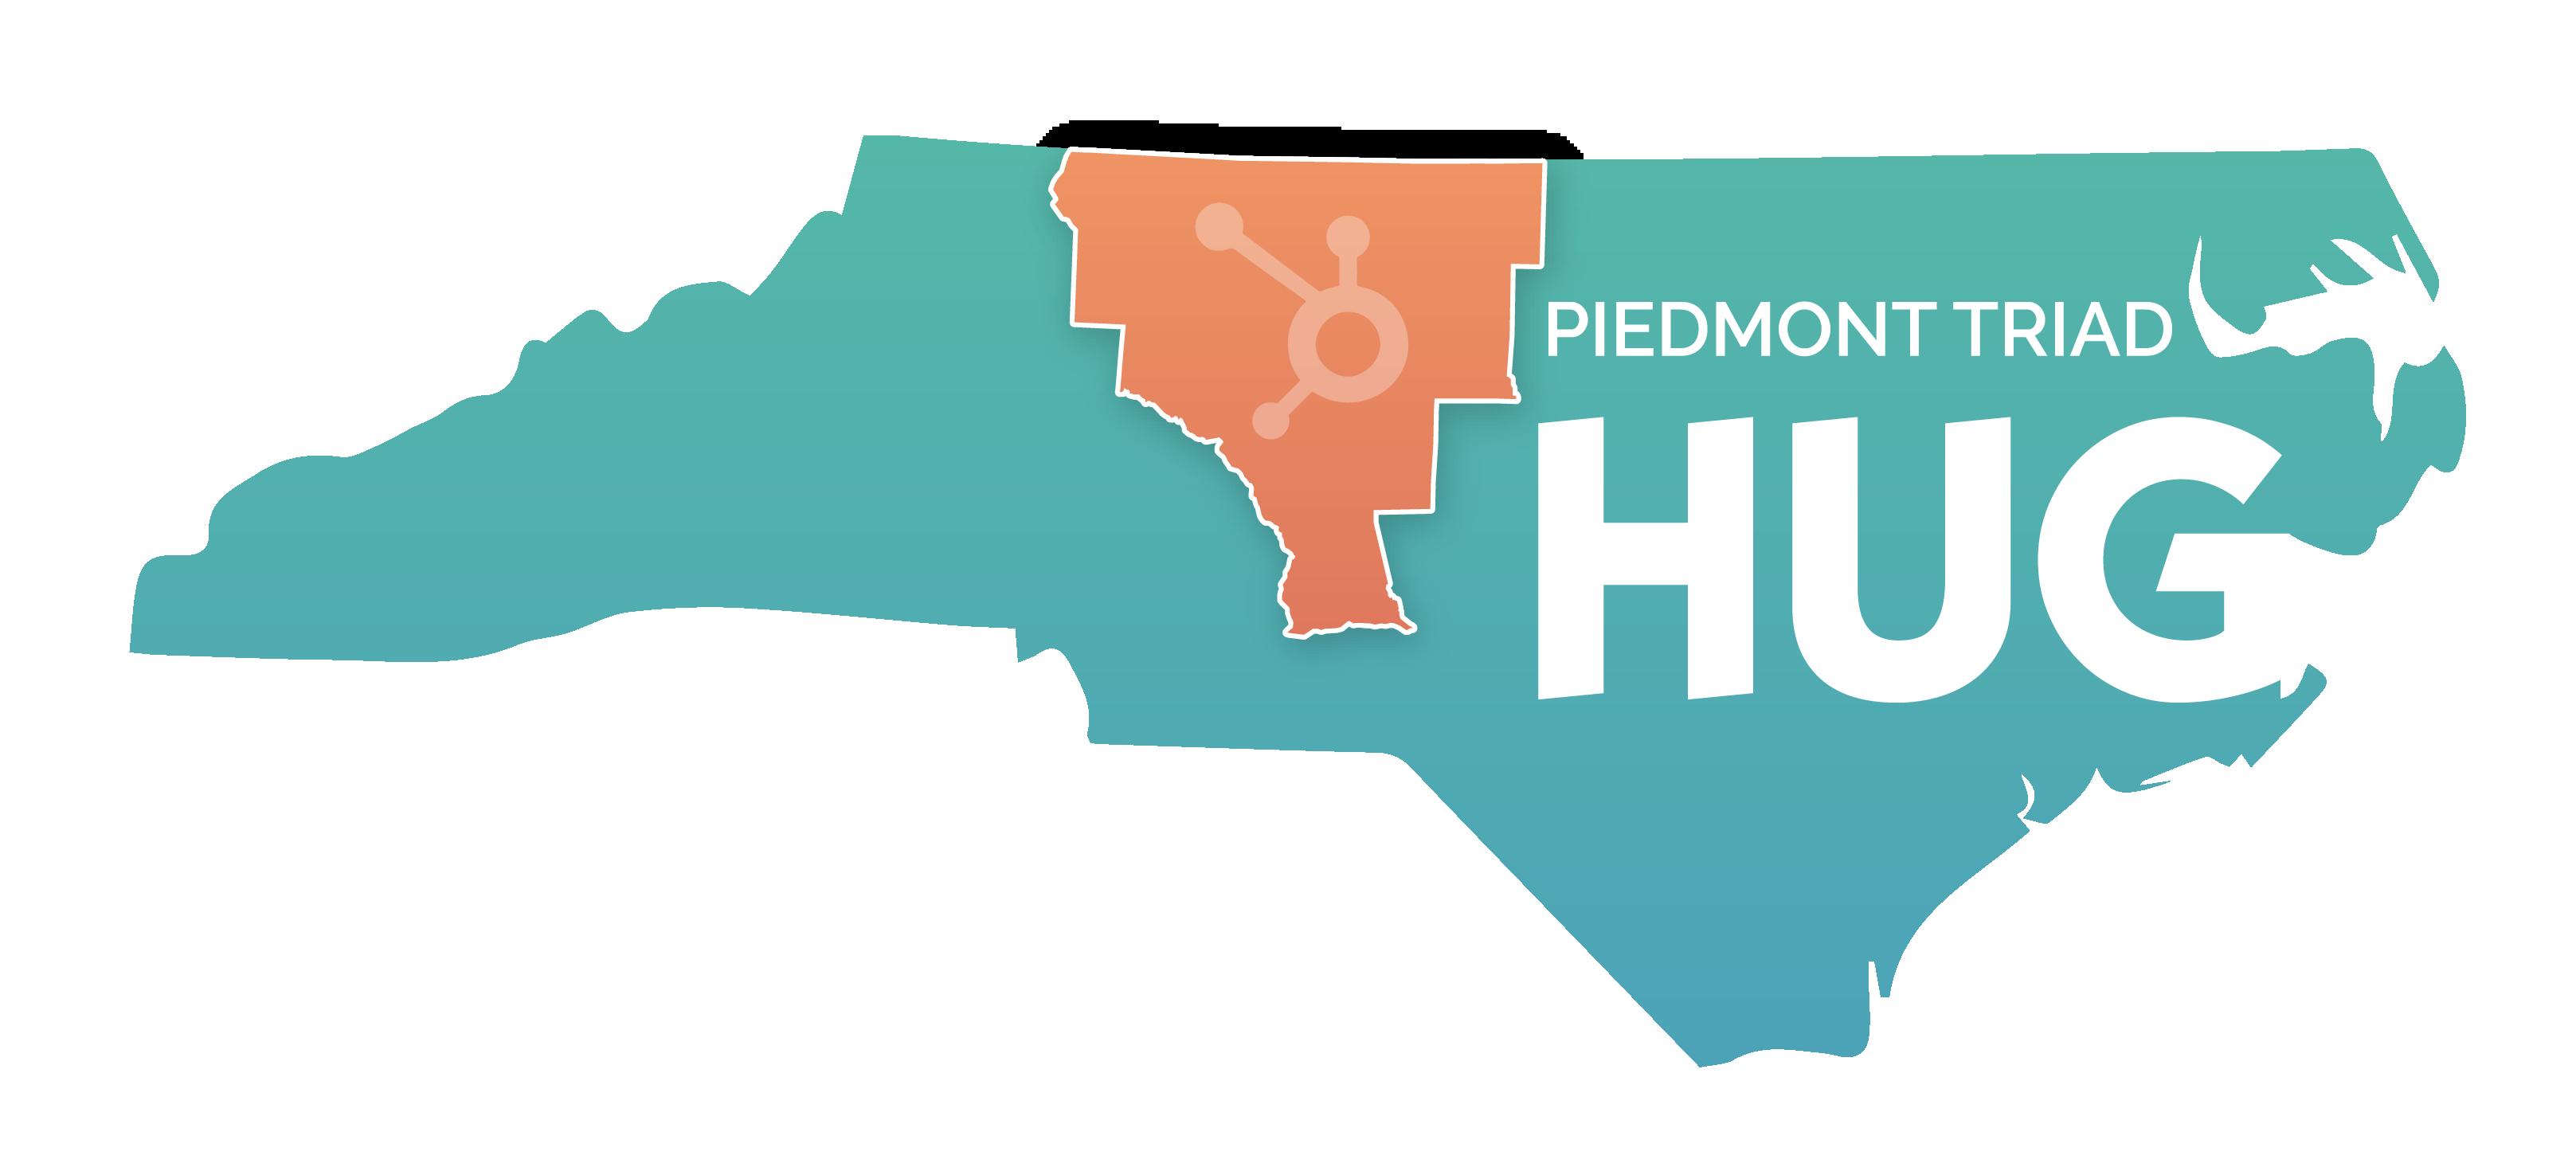 Piedmont Triad HUG